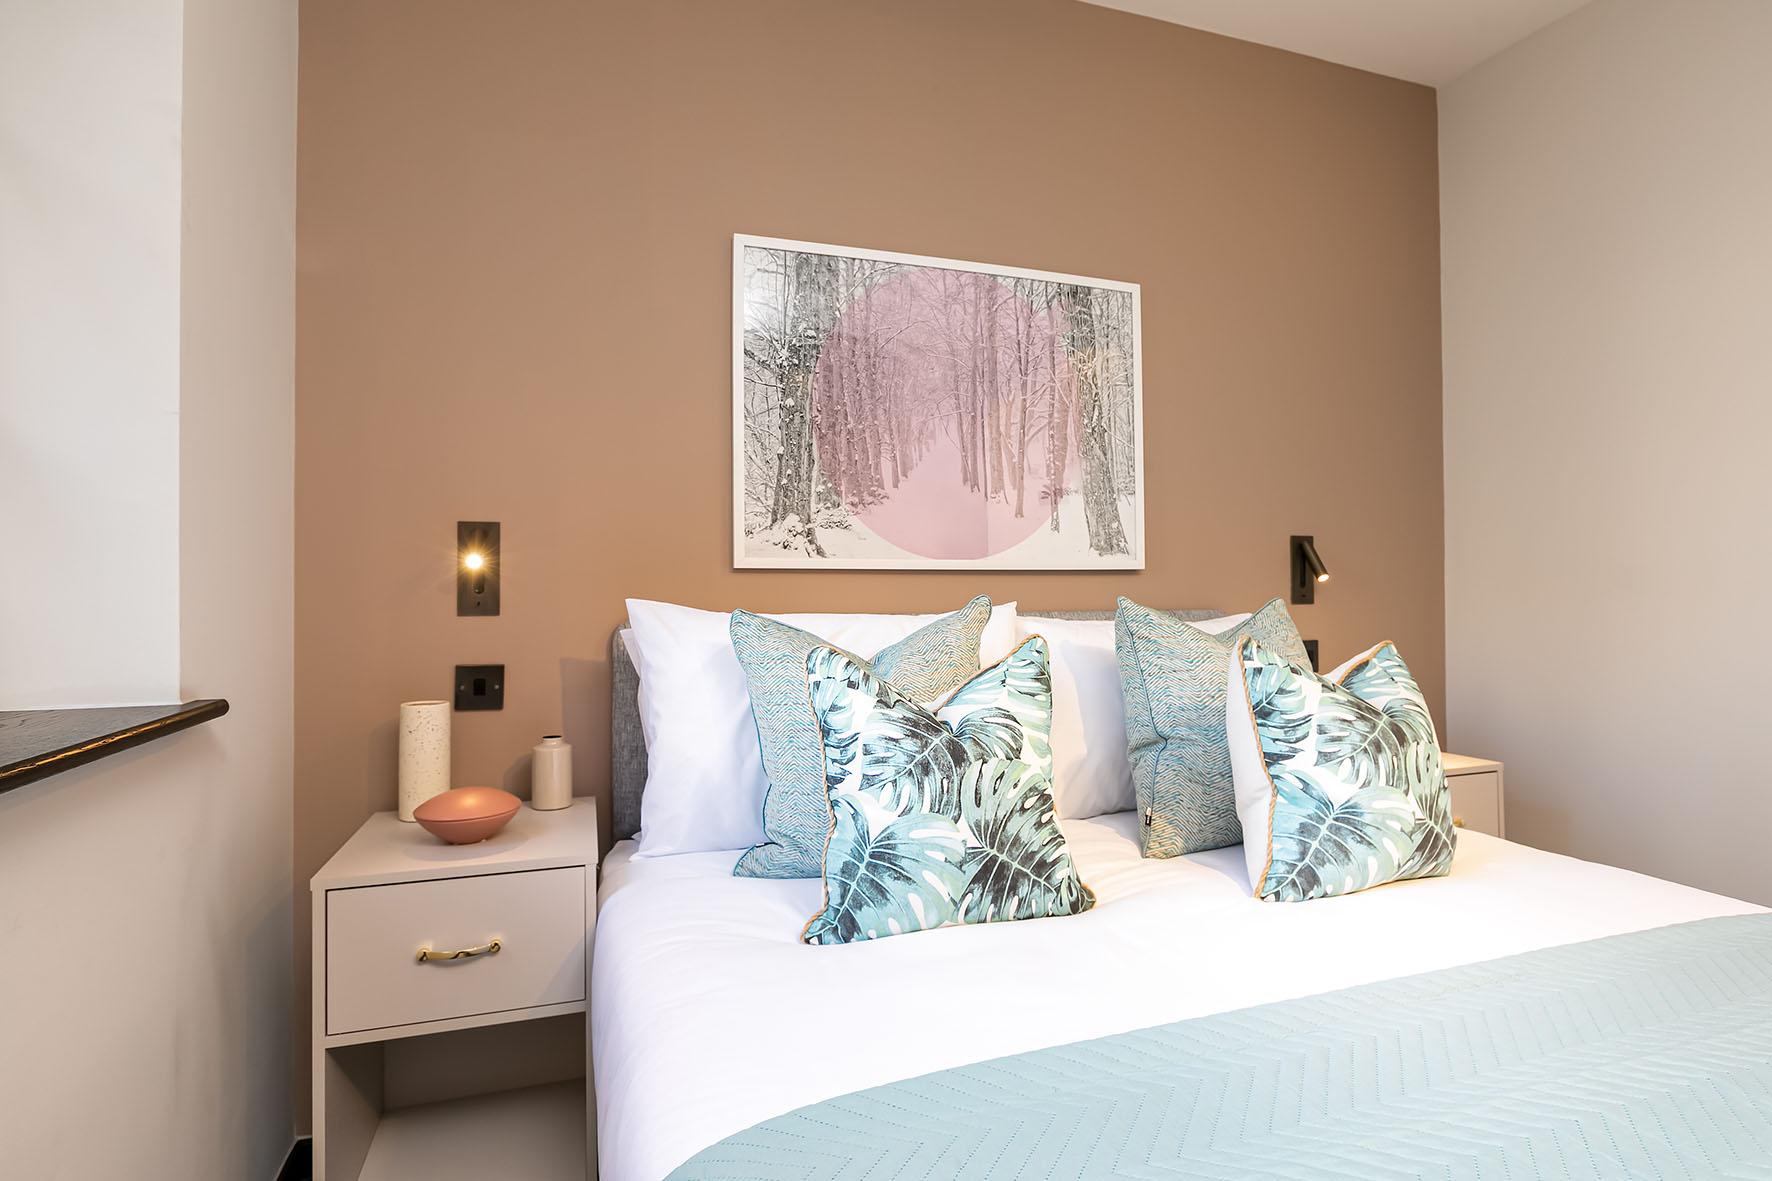 Lovelydays luxury service apartment rental - London - Soho - Oxford Street V - Lovelysuite - 1 bedrooms - 1 bathrooms - Queen bed - 1e2d016778e1 - Lovelydays